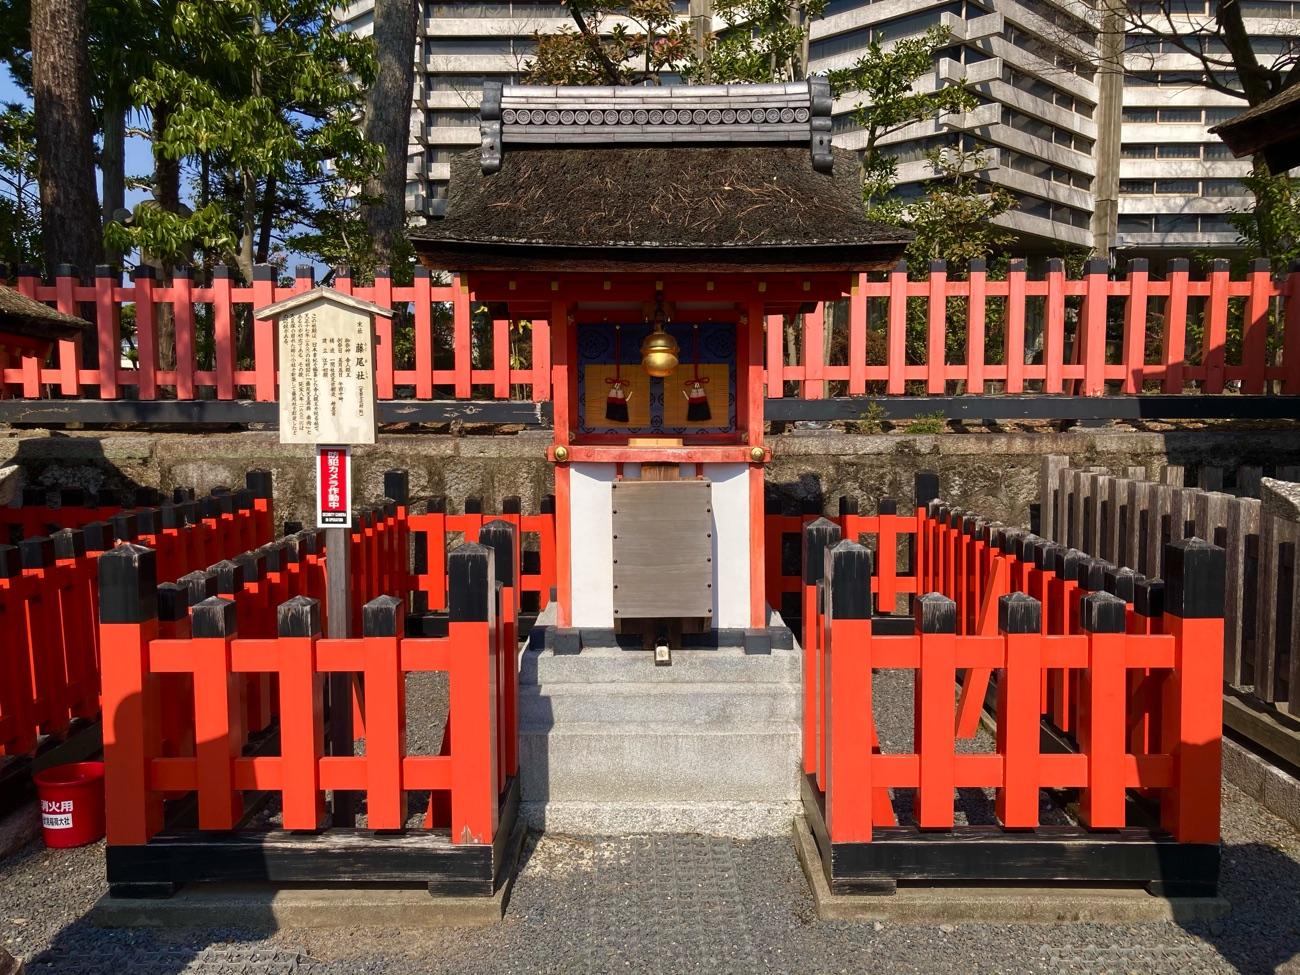 江戸時代初期に建てられた藤尾社の社殿